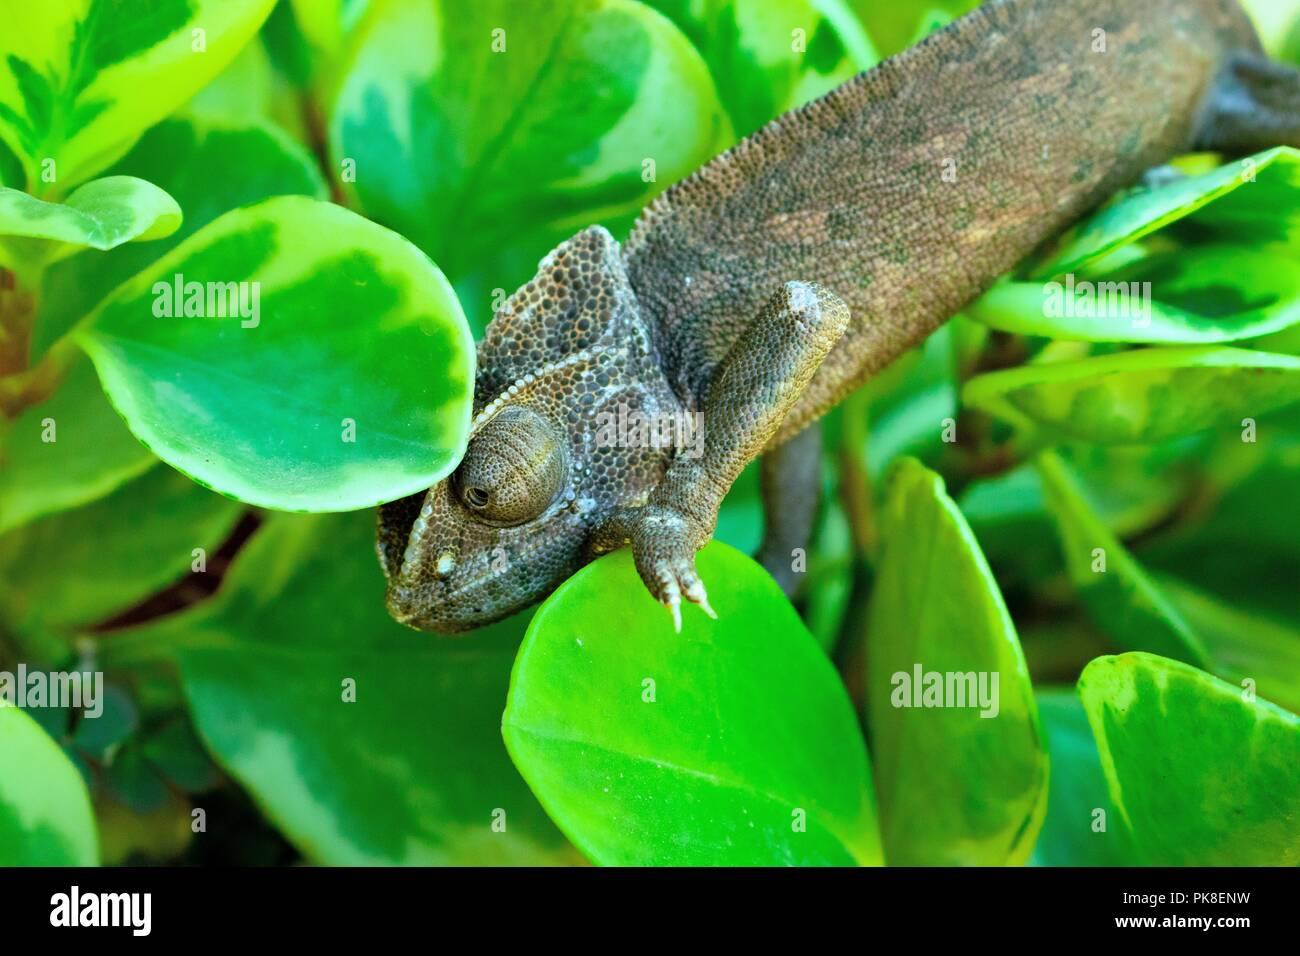 El Camaleón Cuenta con dedos oponibles y cola prensil (motivo por el cual la cola no puede desprenderse del cuerpo). Posee n.a. lengua larga, pegajosa Immagini Stock